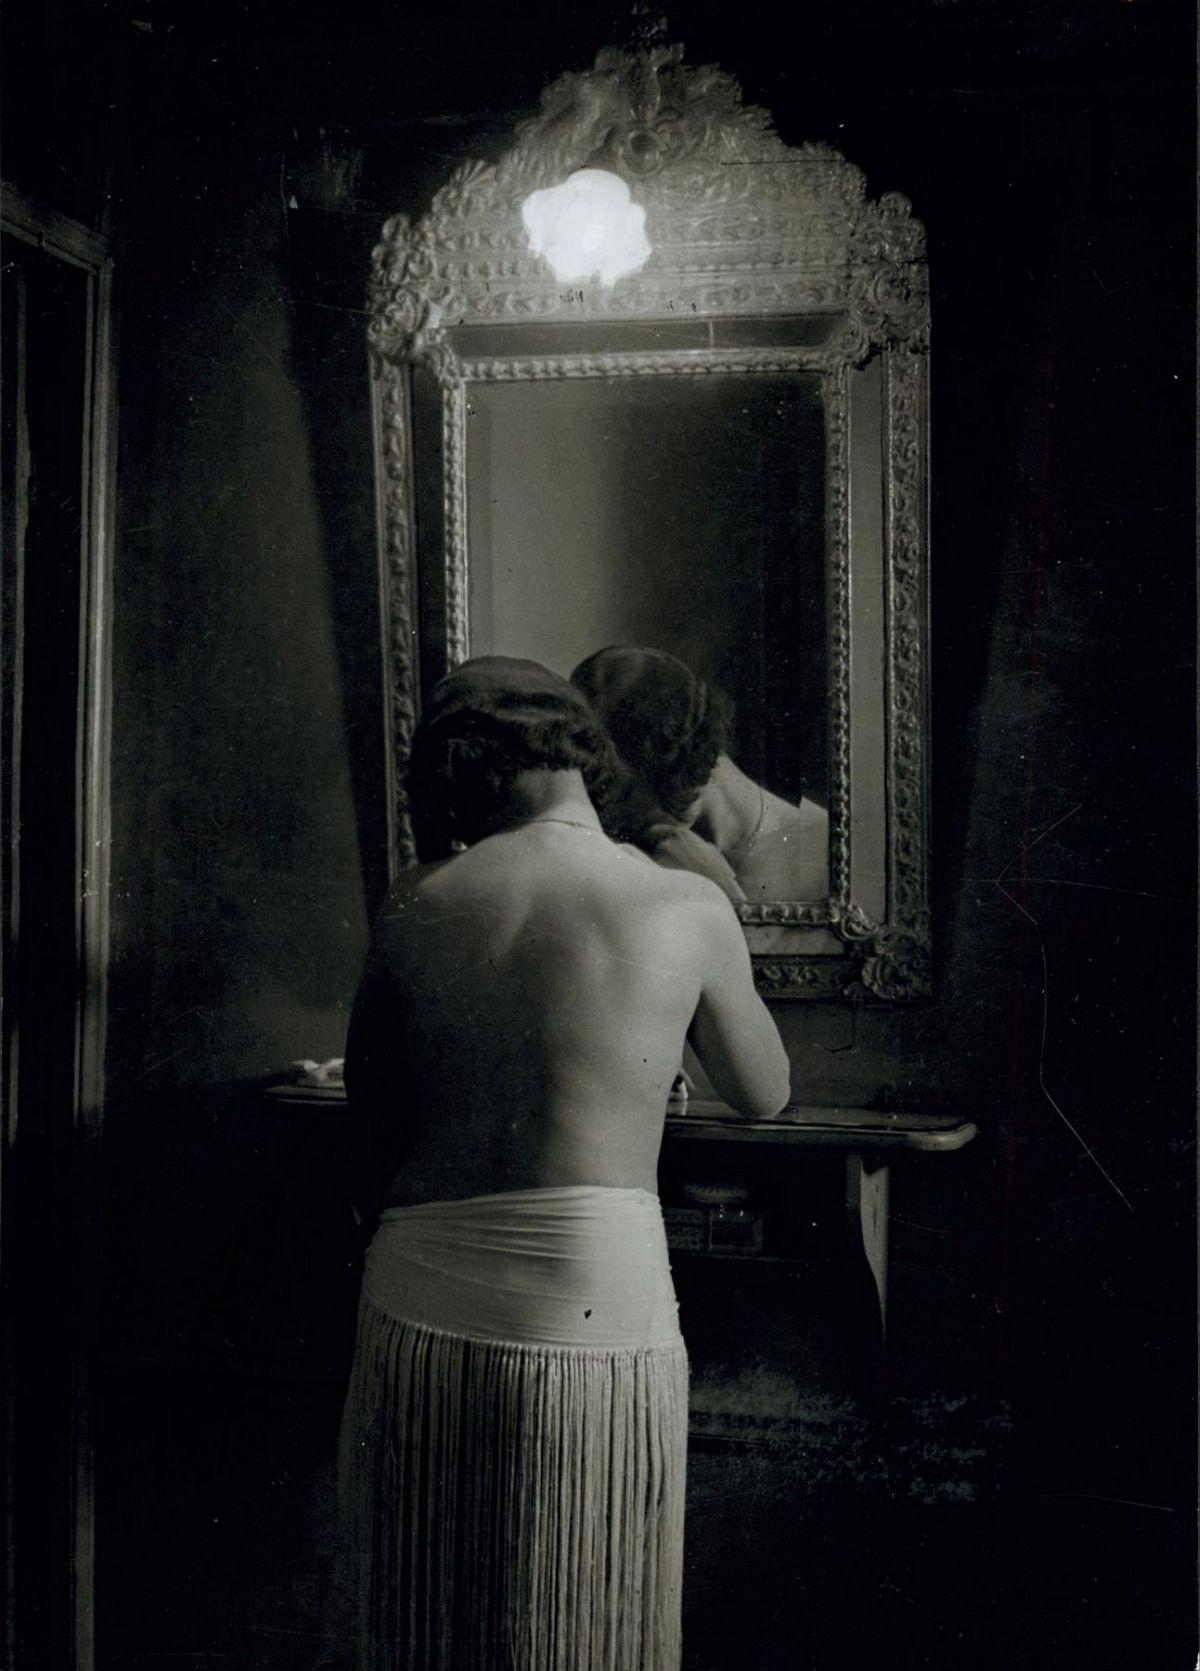 Brassaï, Toilette, Chez Suzy, c. 1932